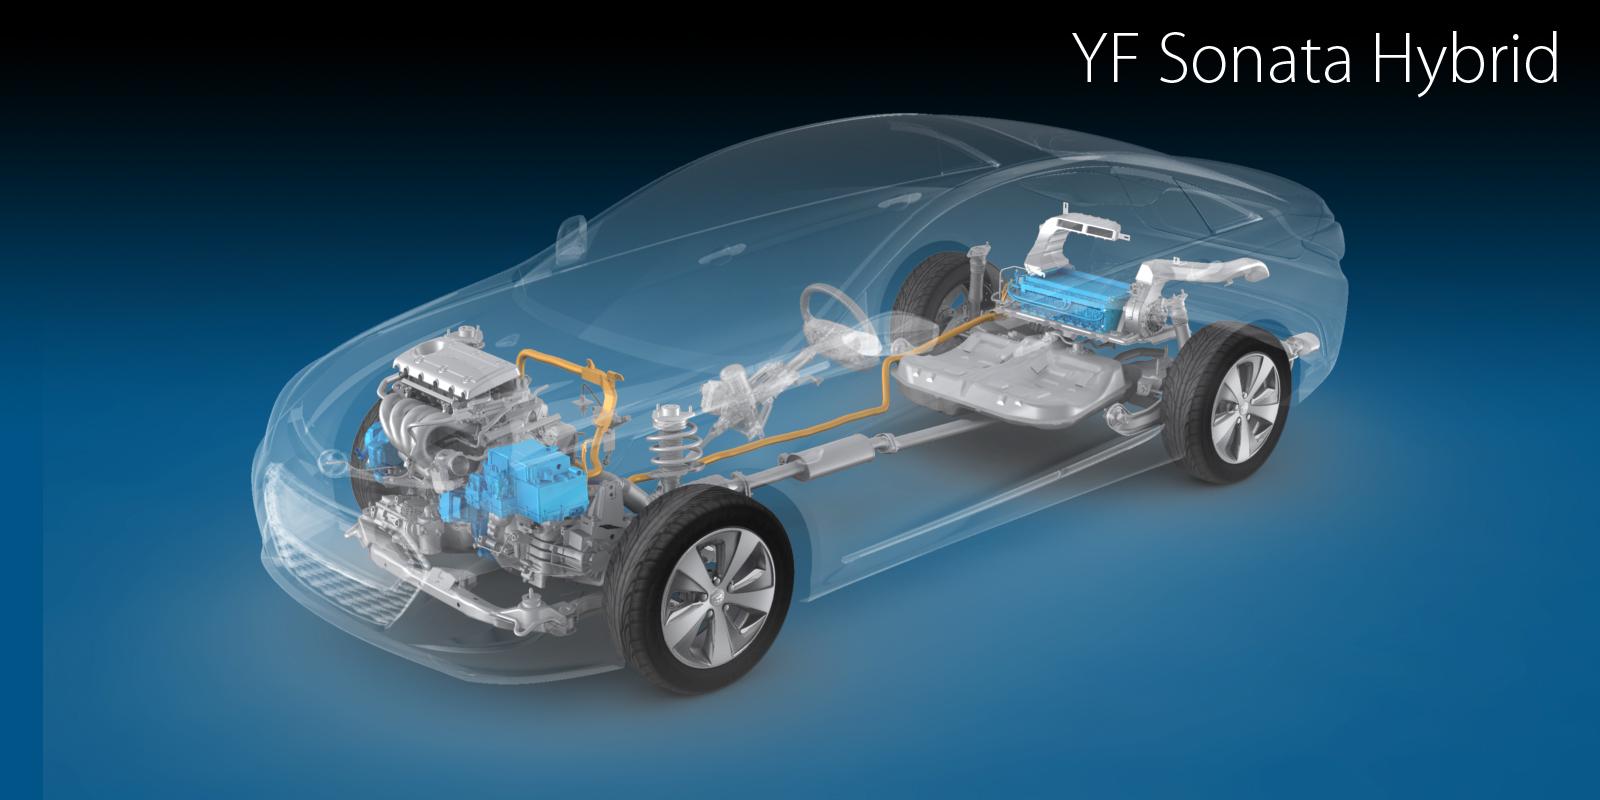 국산 자동차 이것저것 현대차 Yf 쏘나타 하이브리드 Hyundai Sonata Hybrid